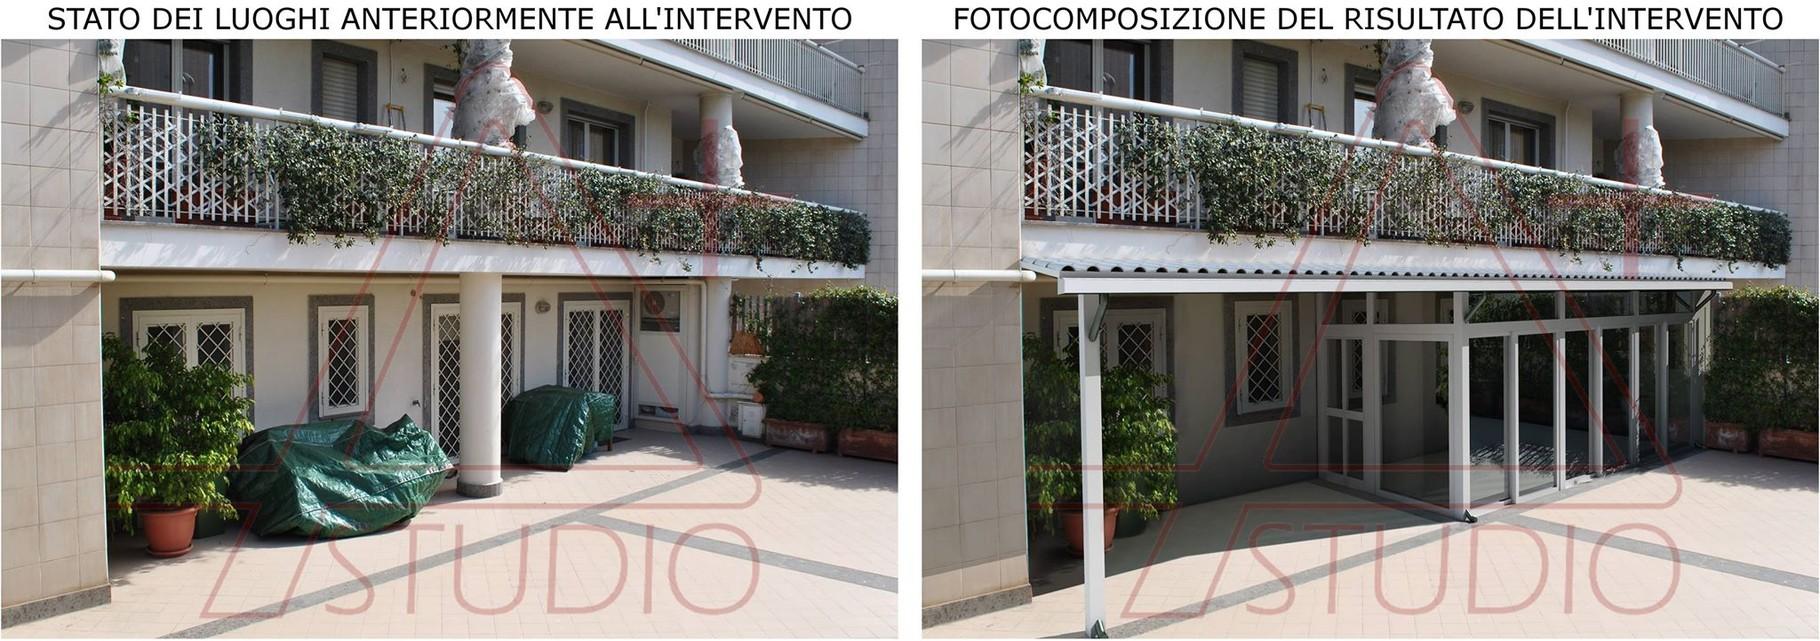 Fotoinserimento per la dimostrazione dell 39 effetto di un for Progettista del piano di casa